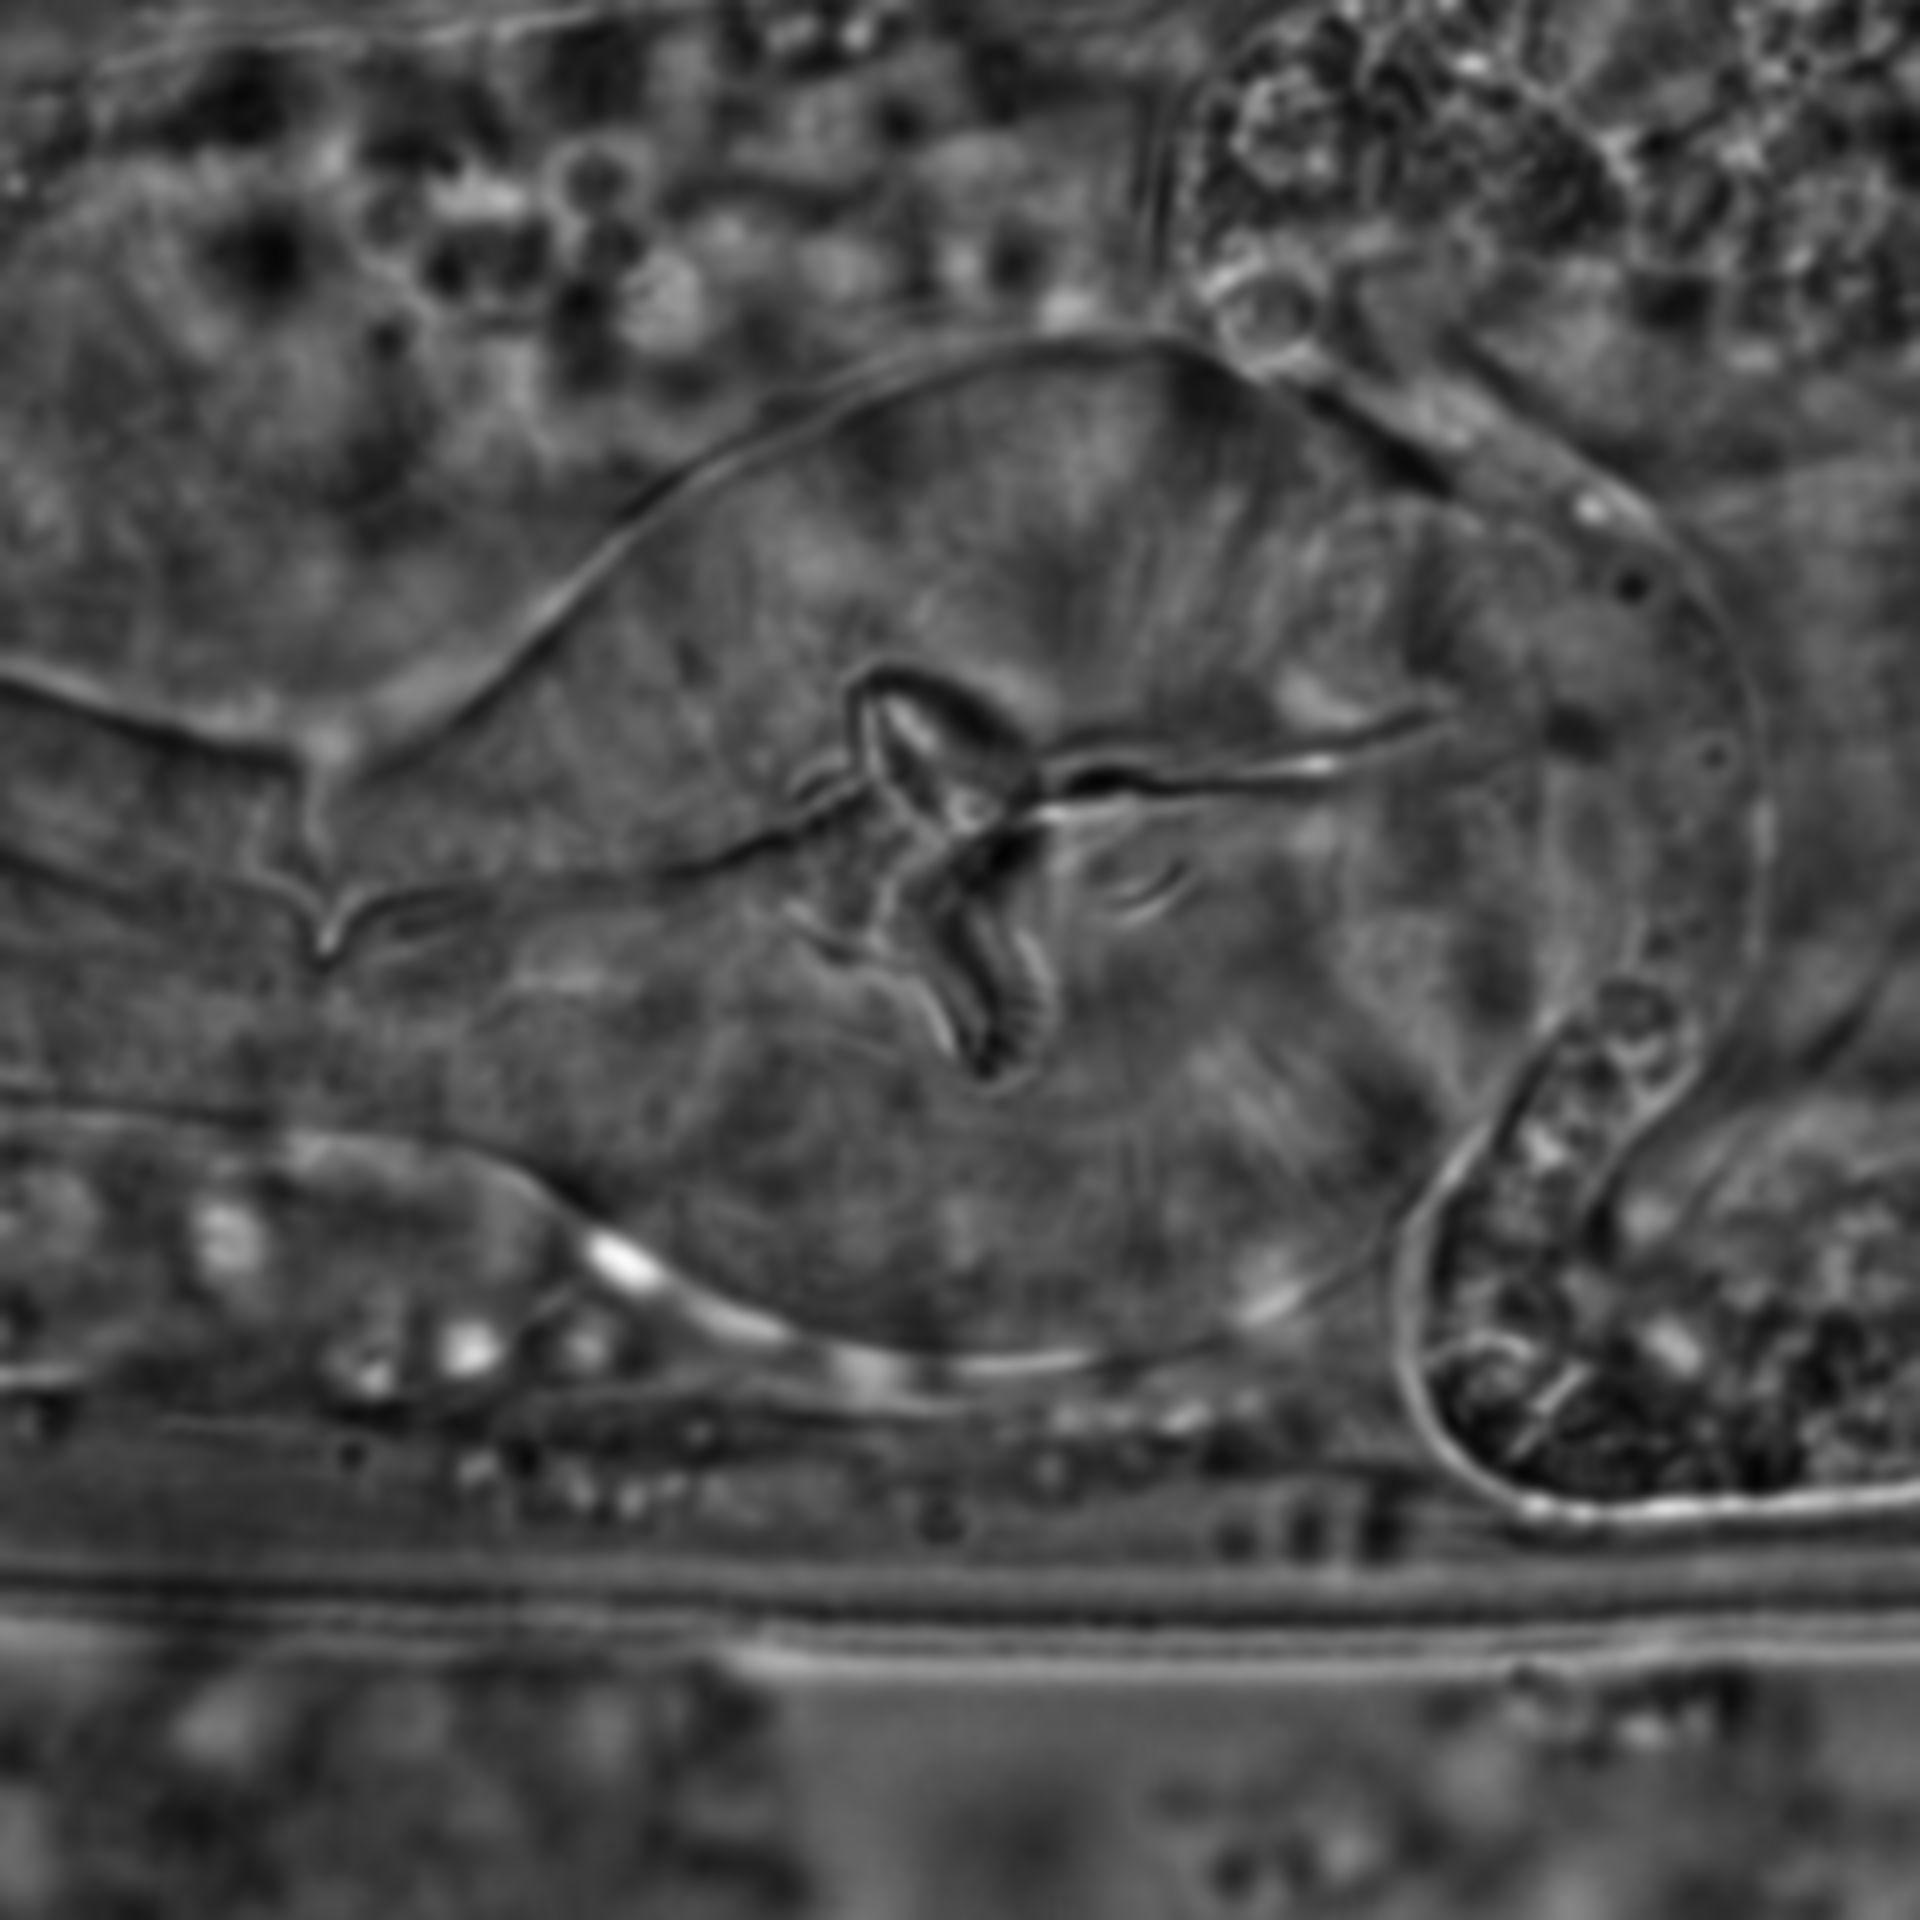 Caenorhabditis elegans - CIL:1668